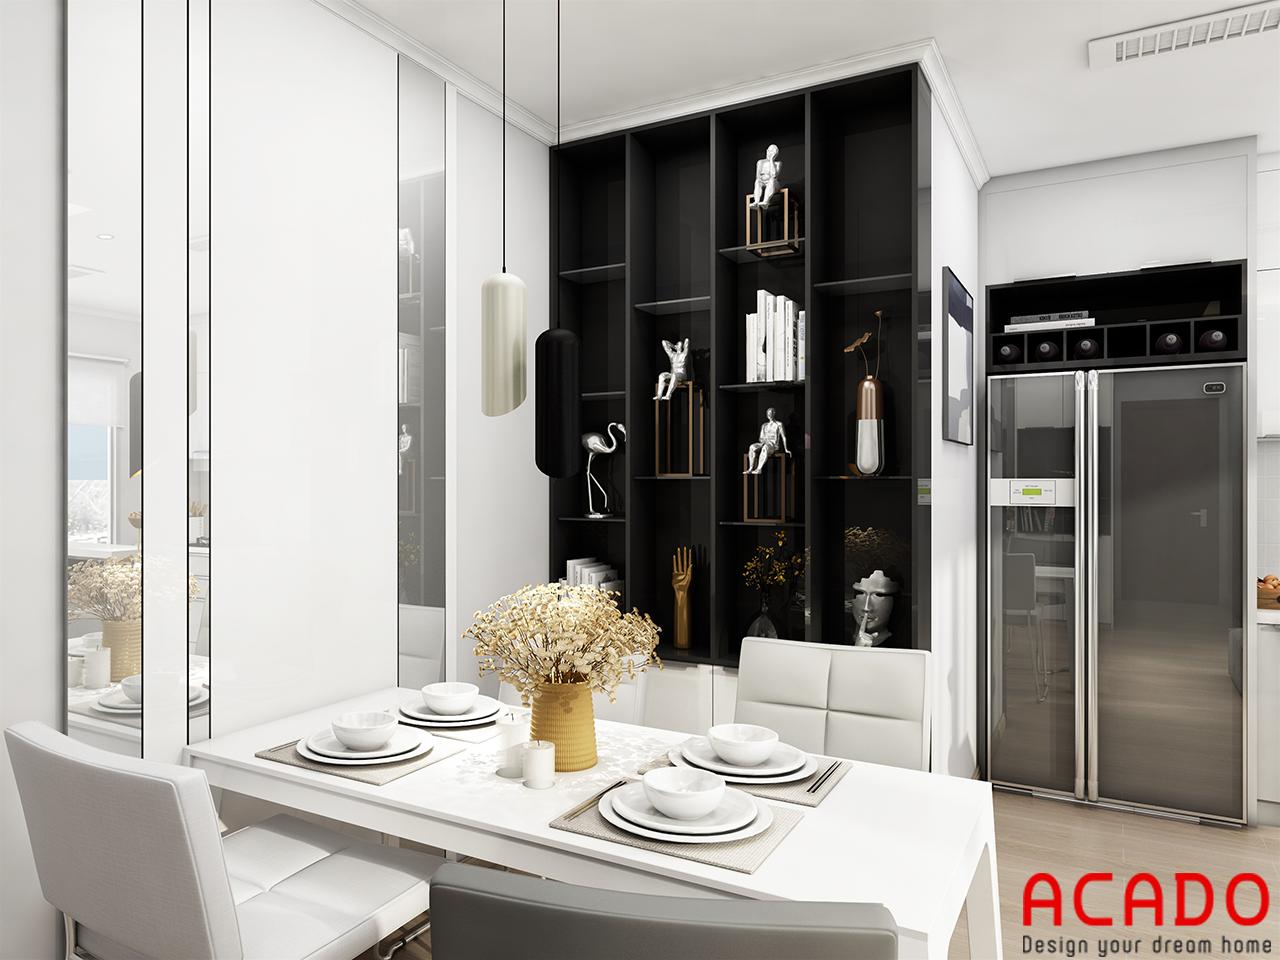 Hình ảnh tủ trang trí sang trọng cho không gian phòng bếp